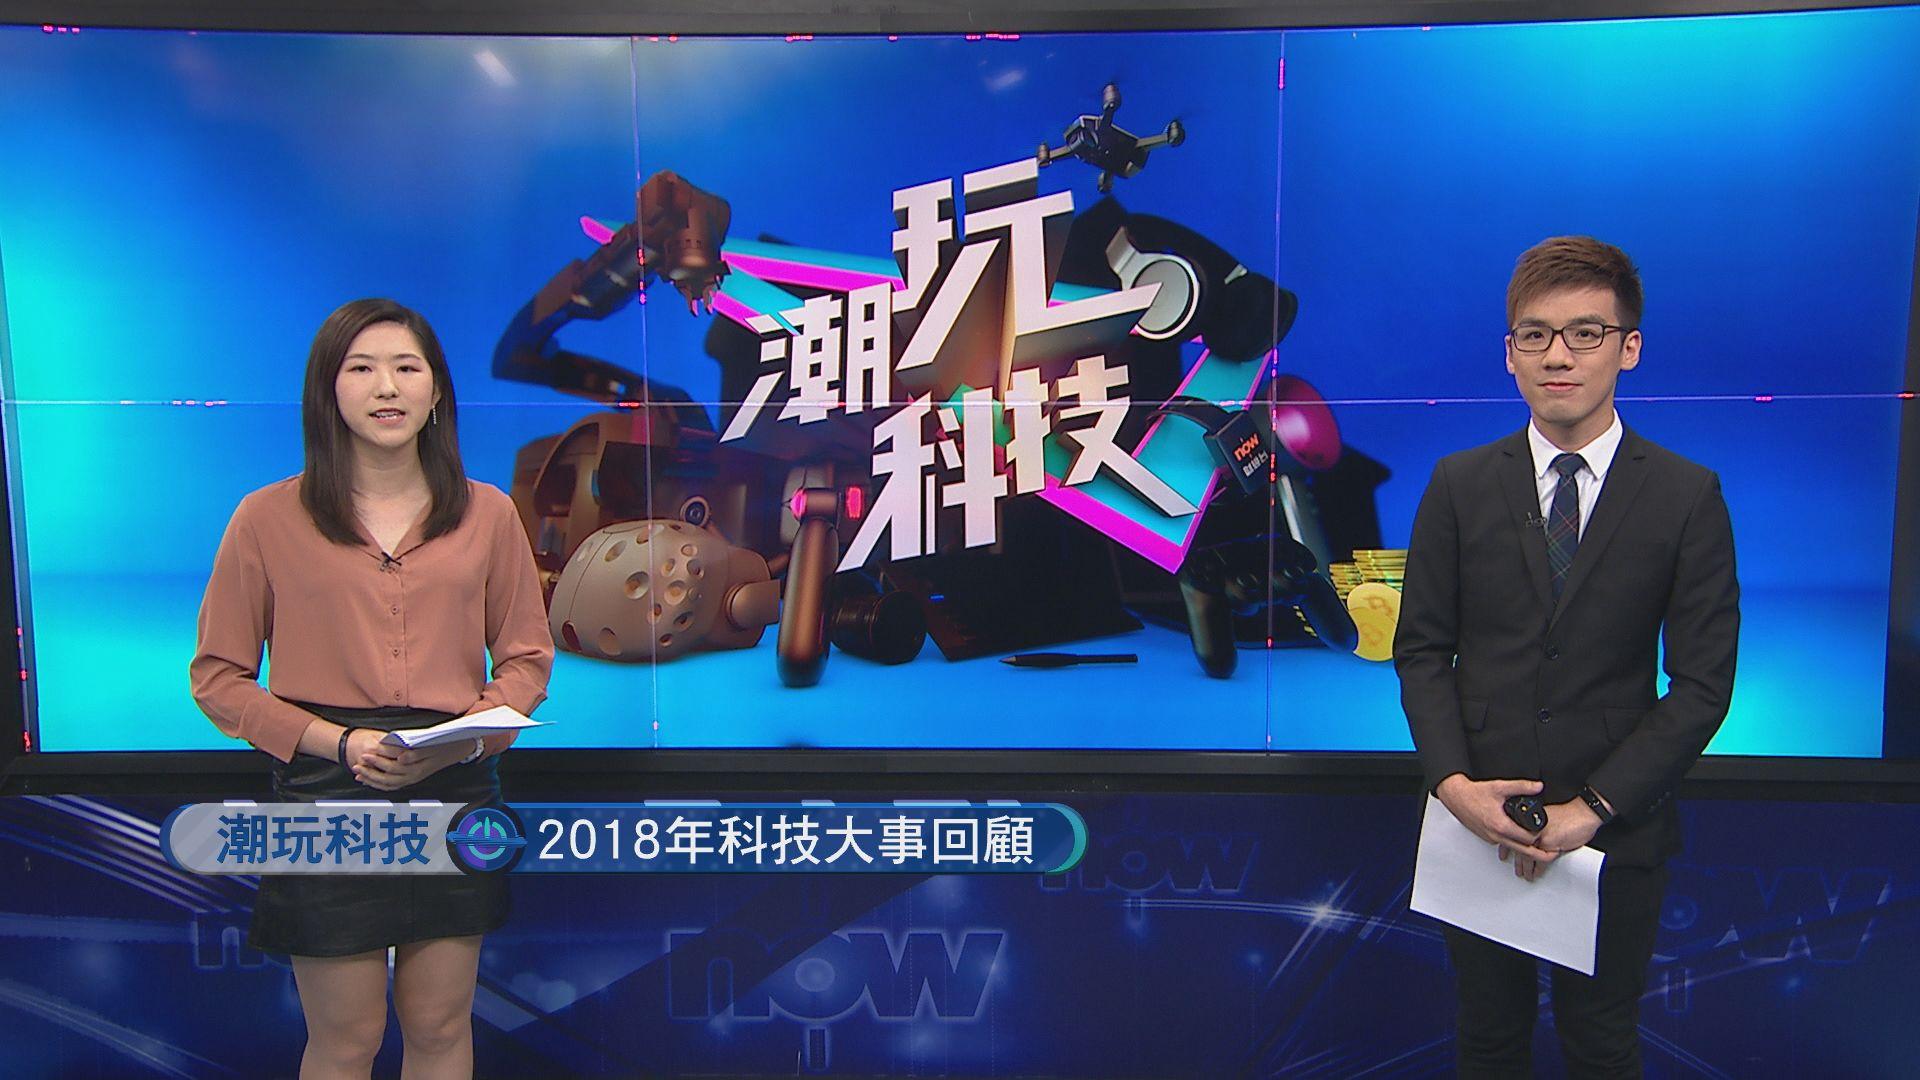 【潮玩科技】2018年科技大事回顧